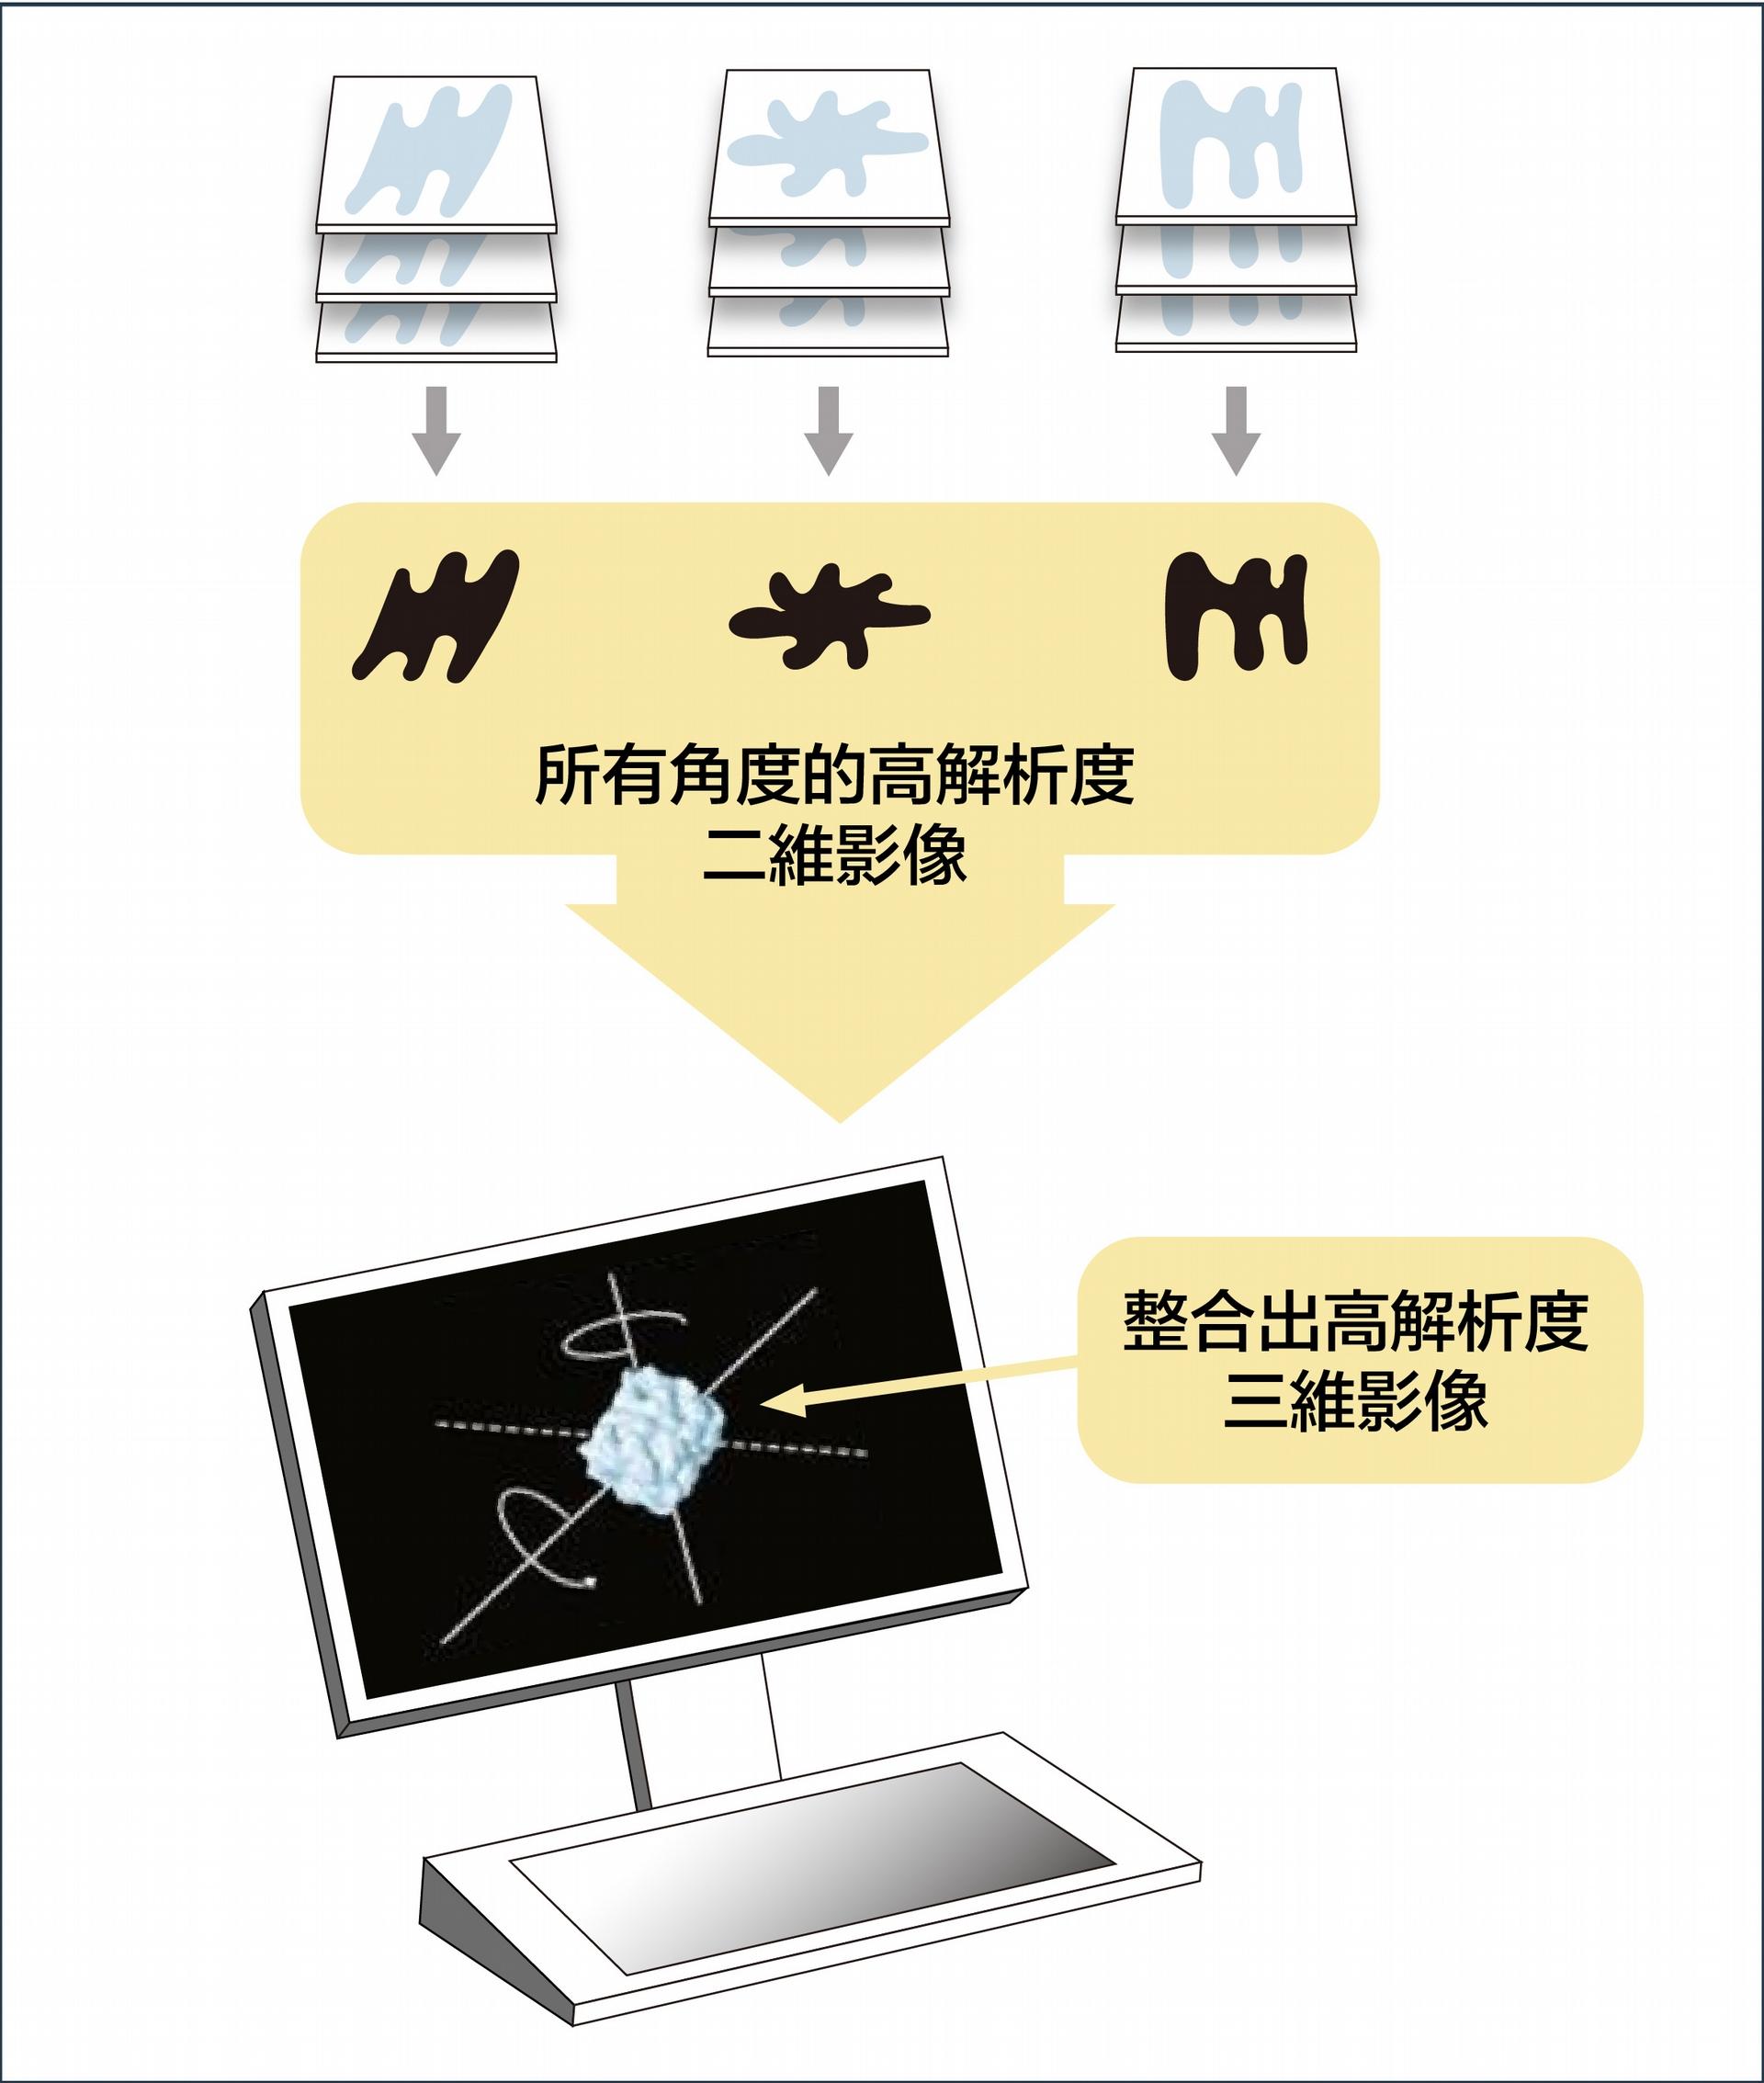 第一步:電子束撞擊隨機排列的生物分子,形成不同的影像。電腦把上千張相似的影像放在一起,變成一組,合成ㄧ張高解析度的二維影像。 資料來源│諾貝爾獎官網 2017 化學獎冷凍電子顯微鏡簡介 圖說設計│黃曉君、林洵安